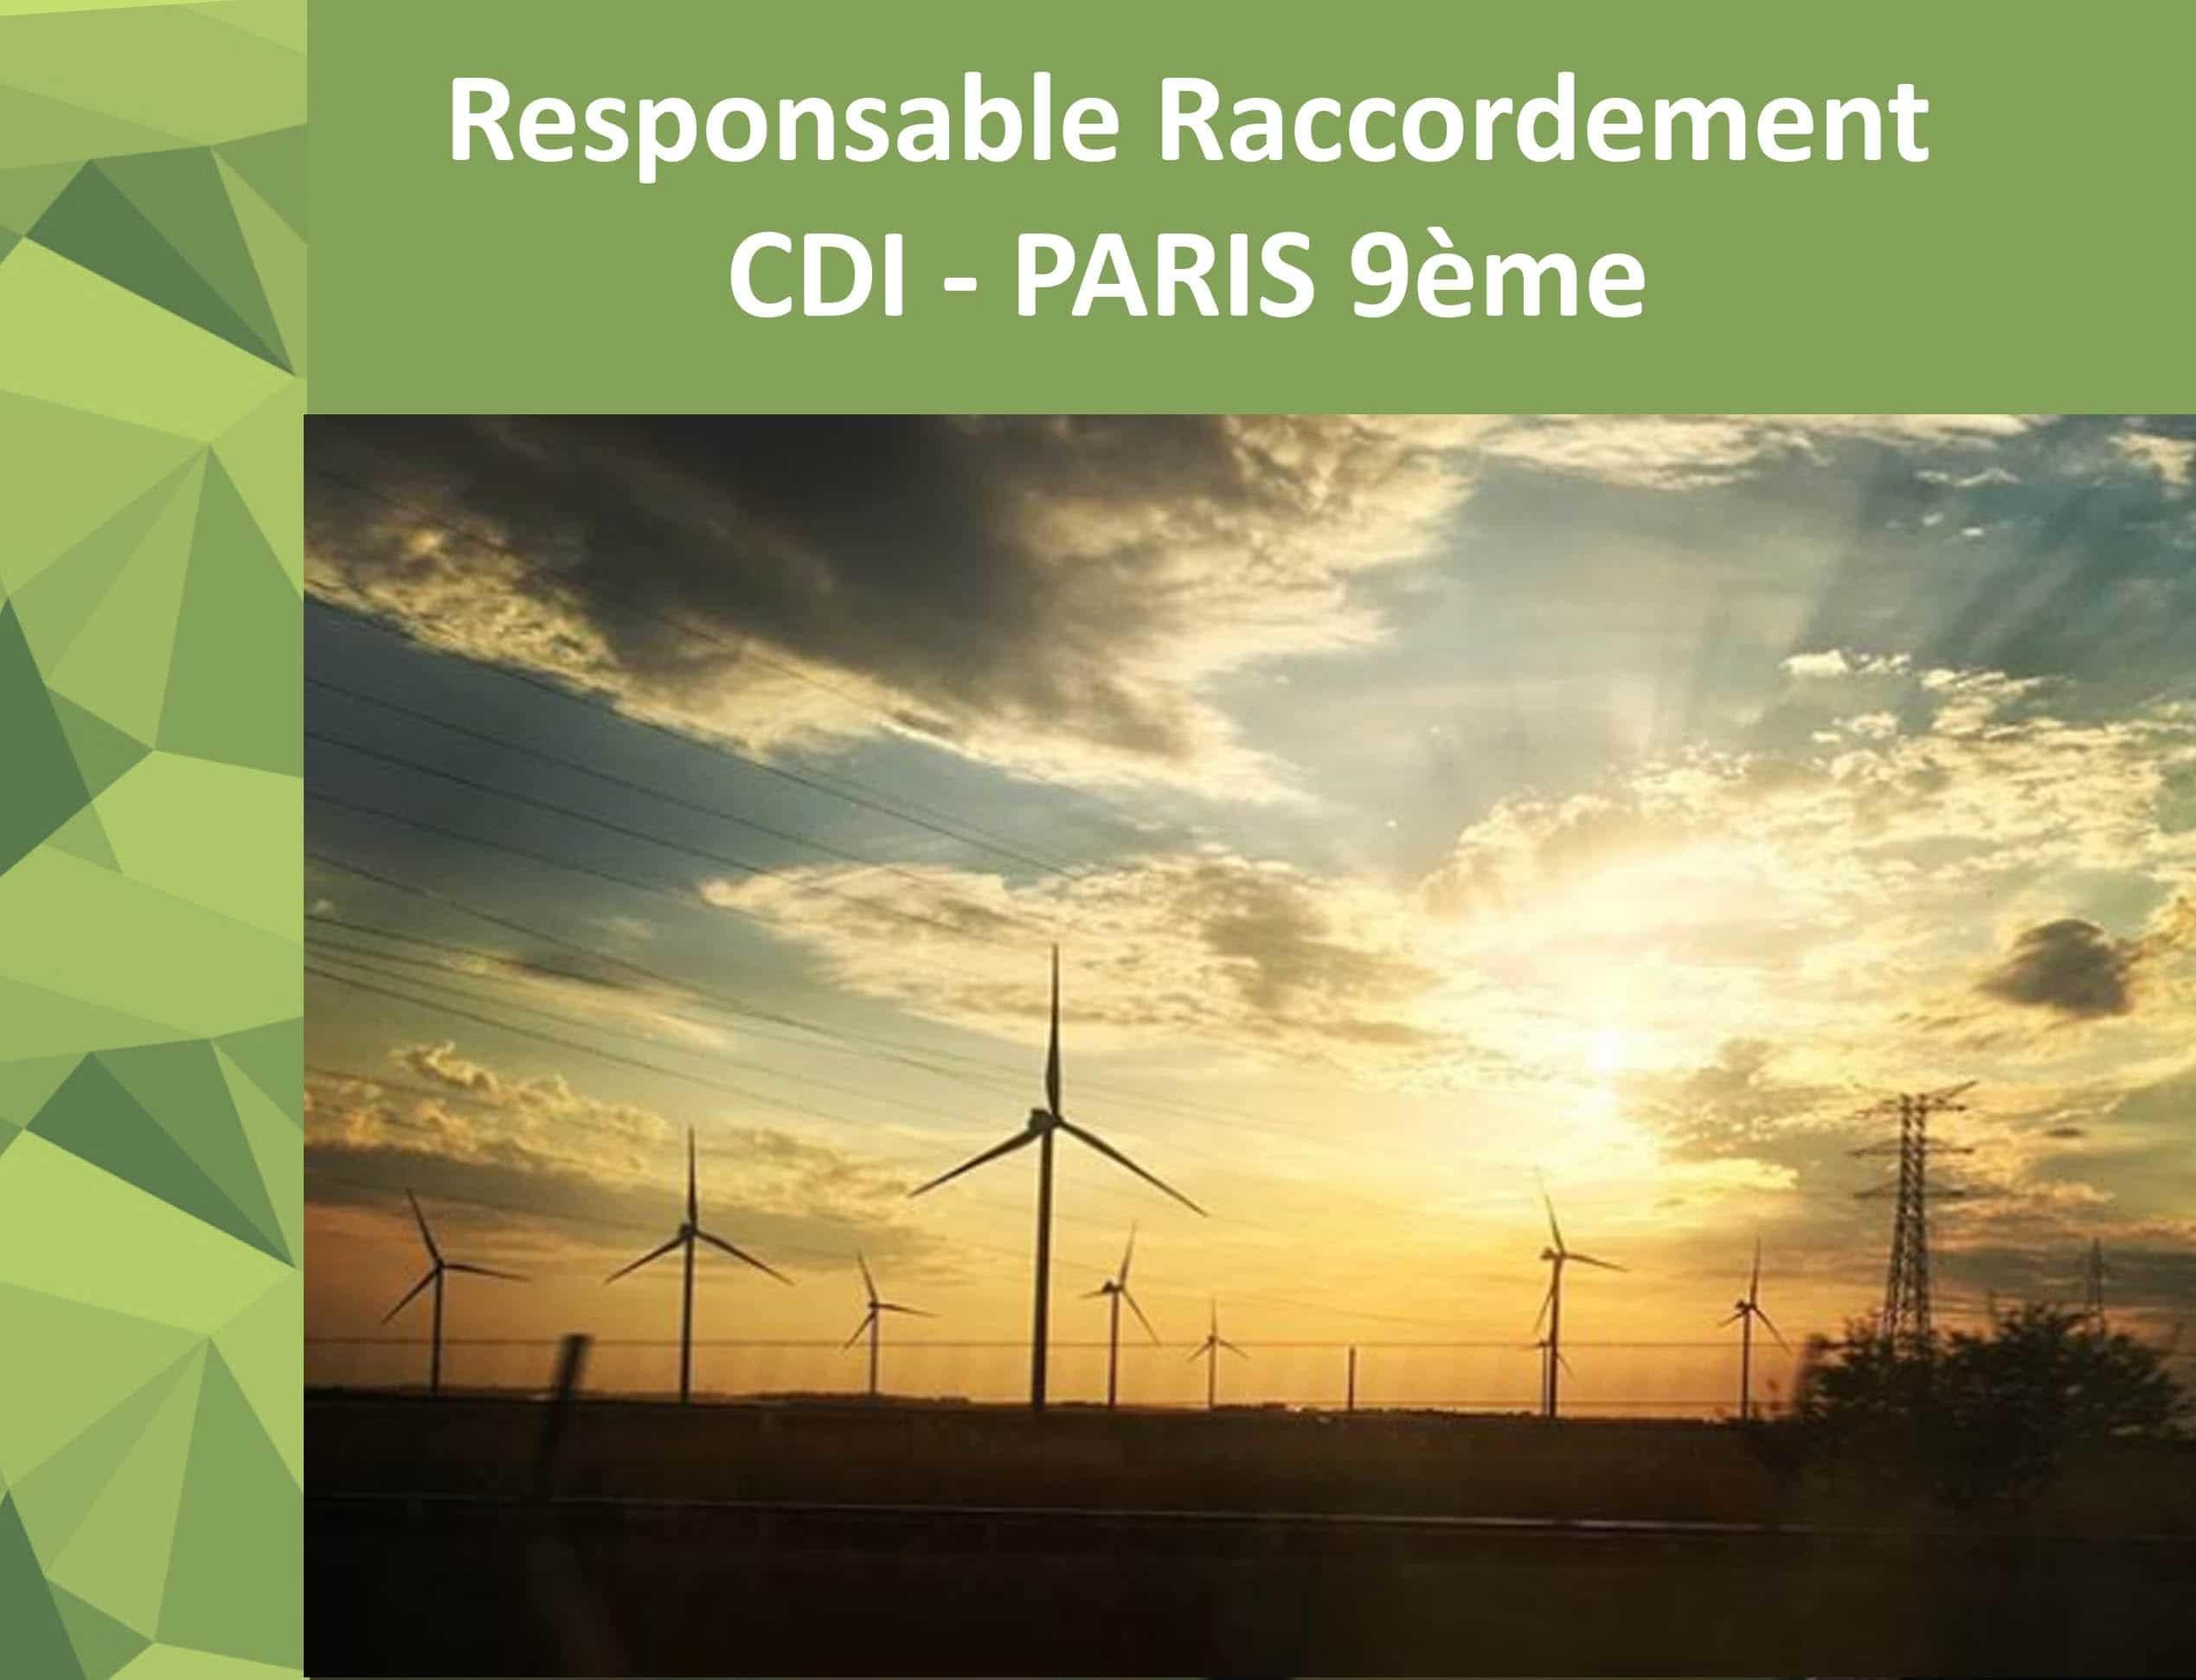 [JOB] CDI – Ingénieur projet énergies renouvelables (H/F) – Paris 9ème